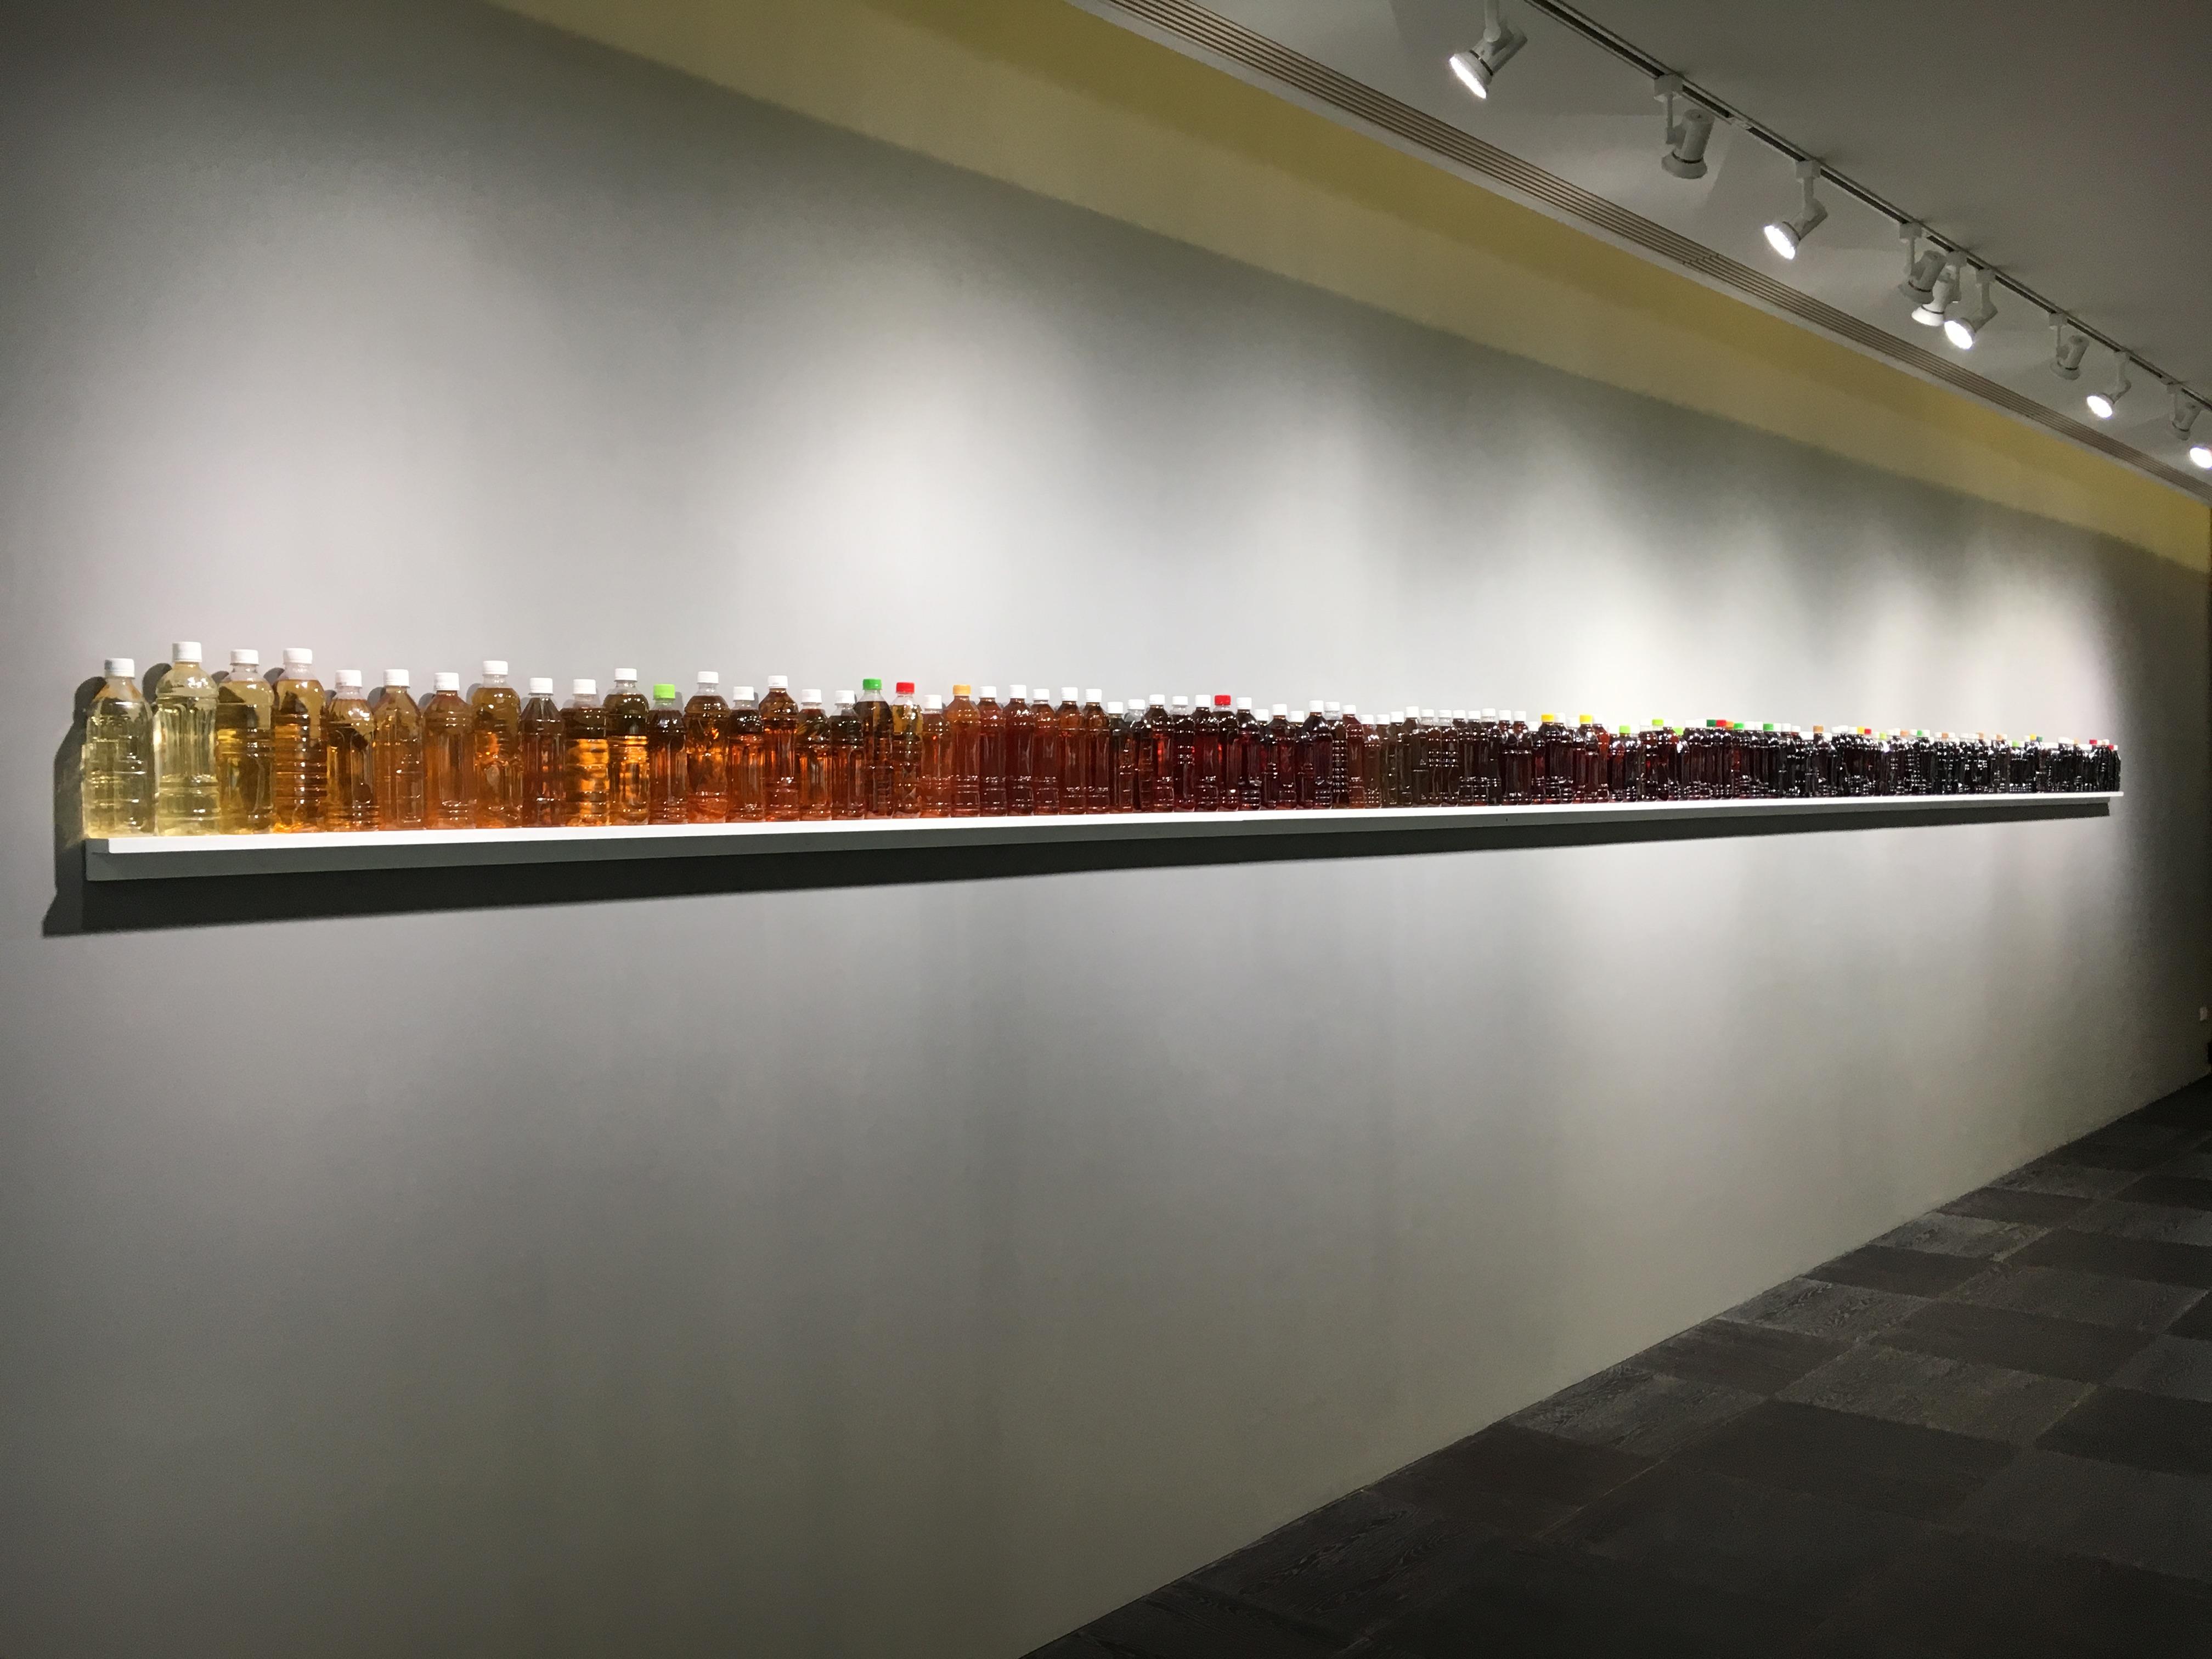 李明學,《光譜》,7 x 25 x 854 cm,超商與超市寶特瓶茶飲,2016。